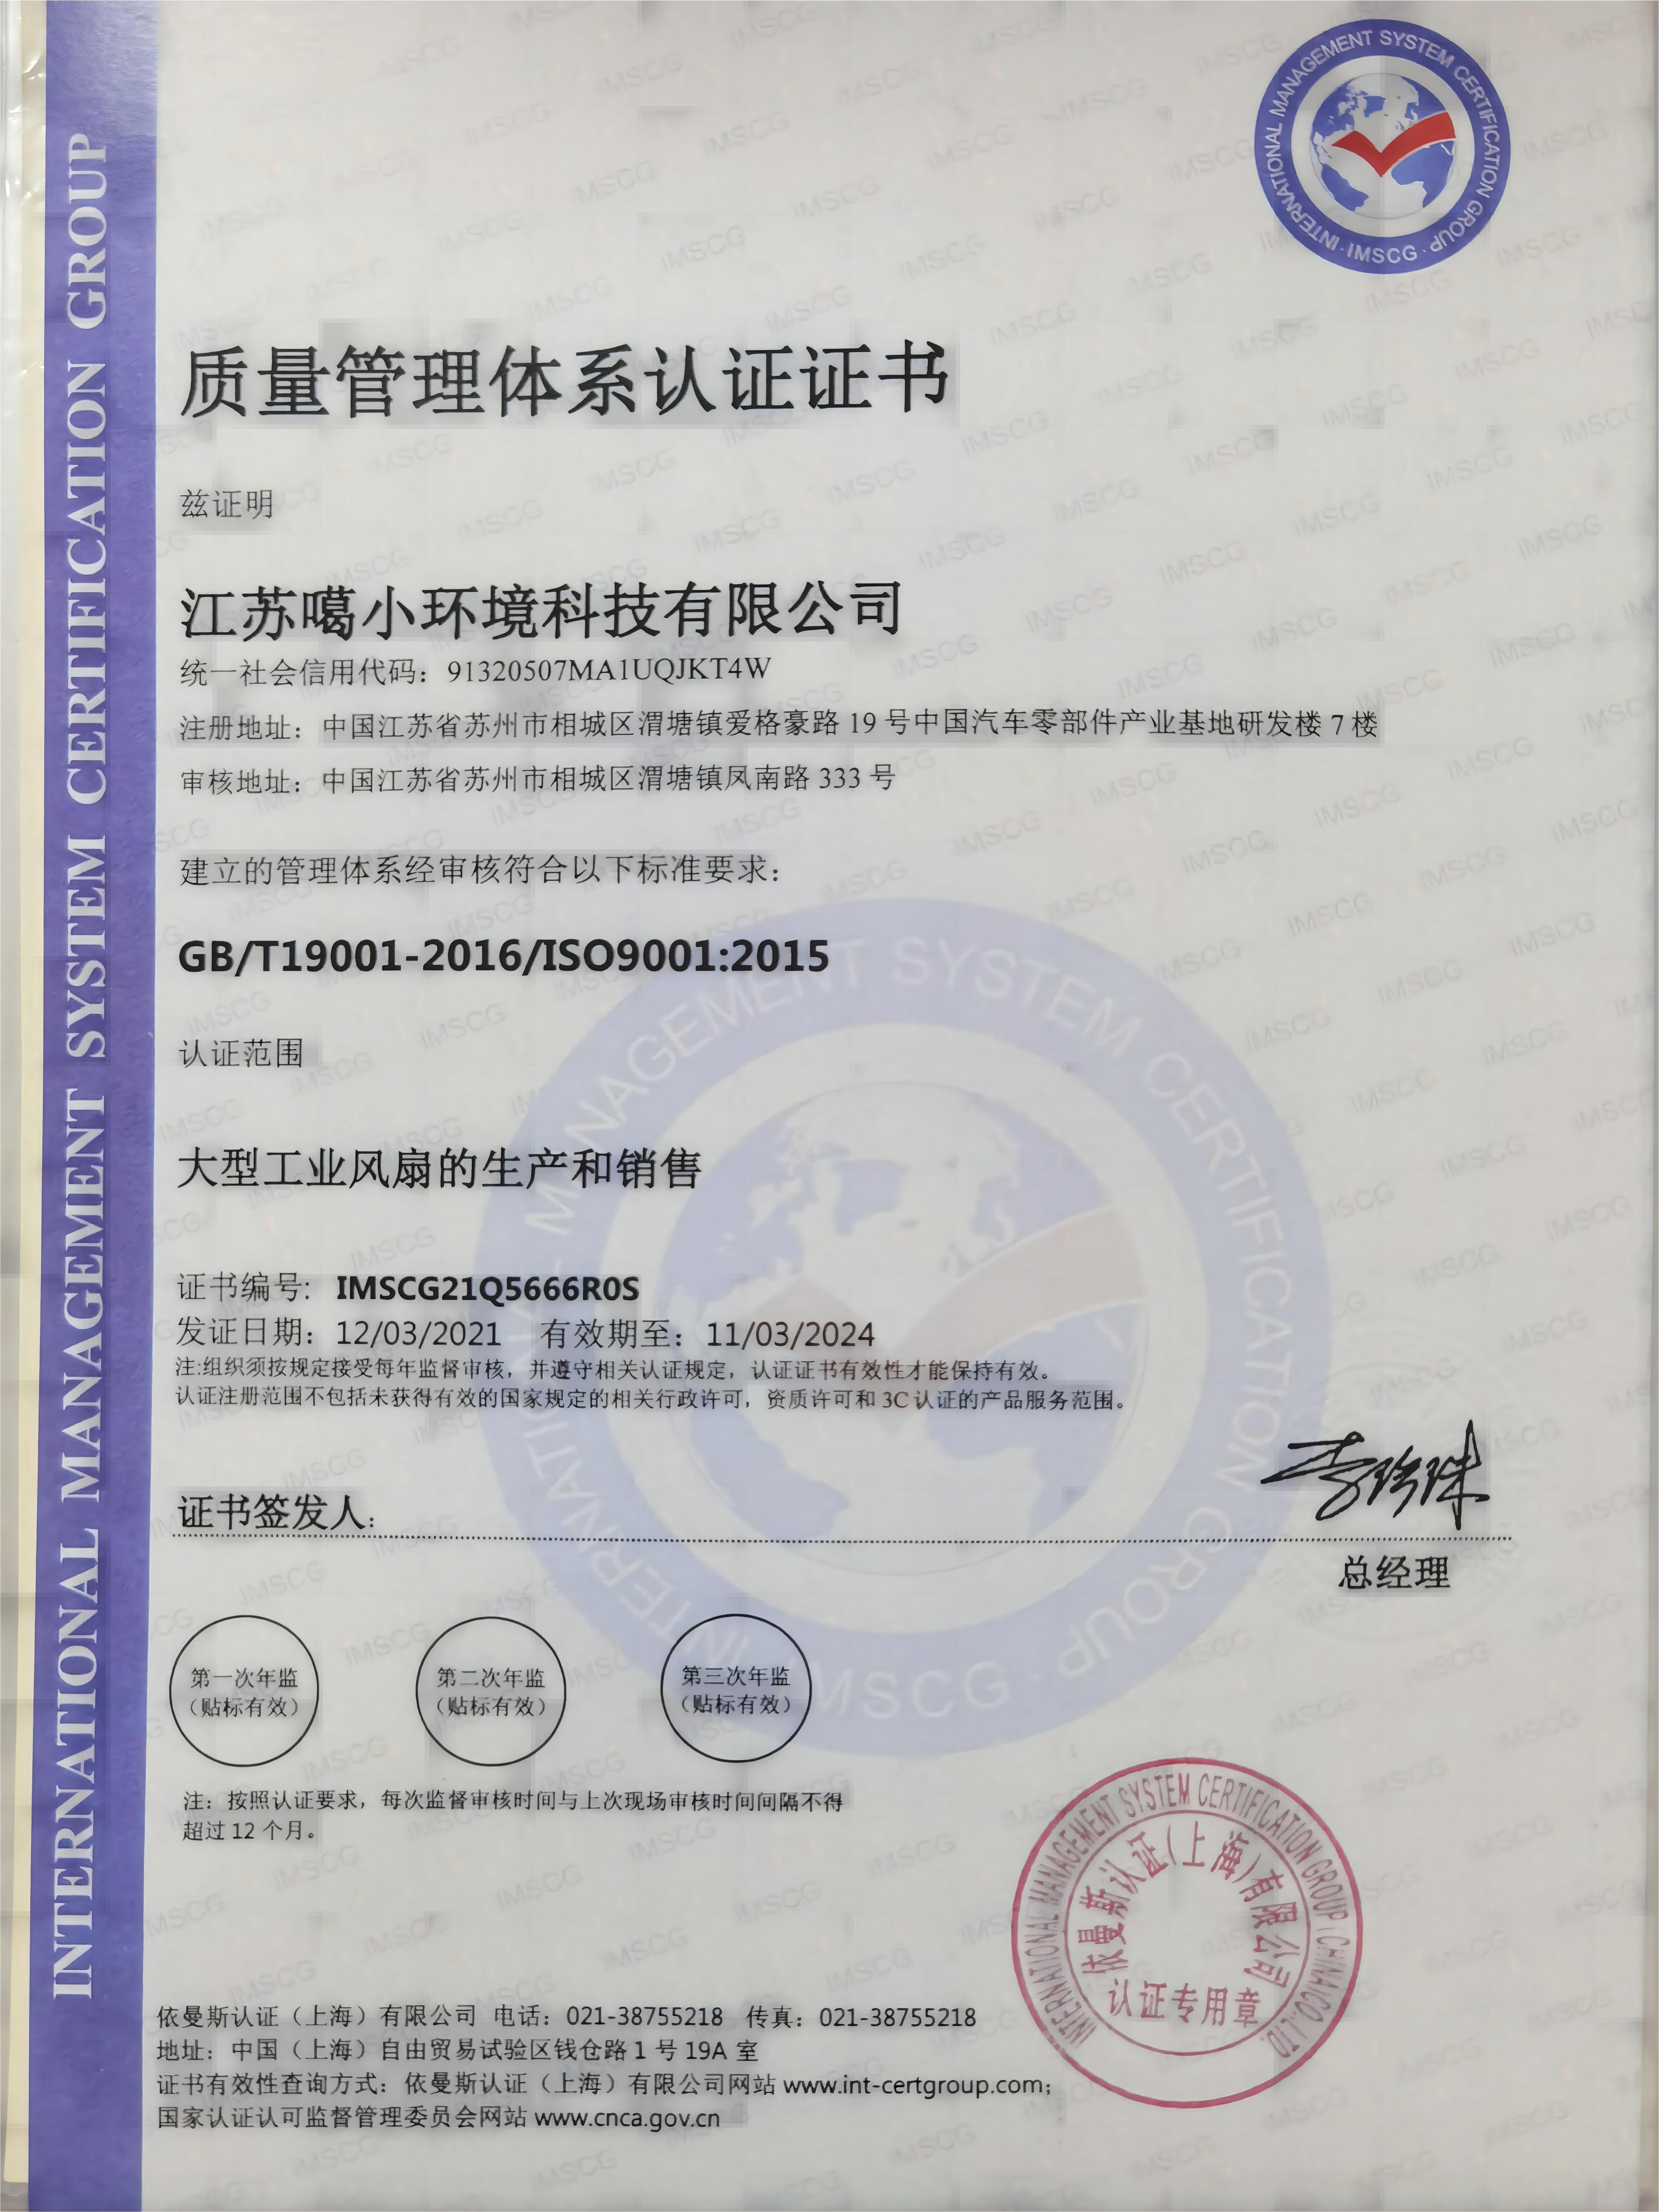 管理认证书-中文